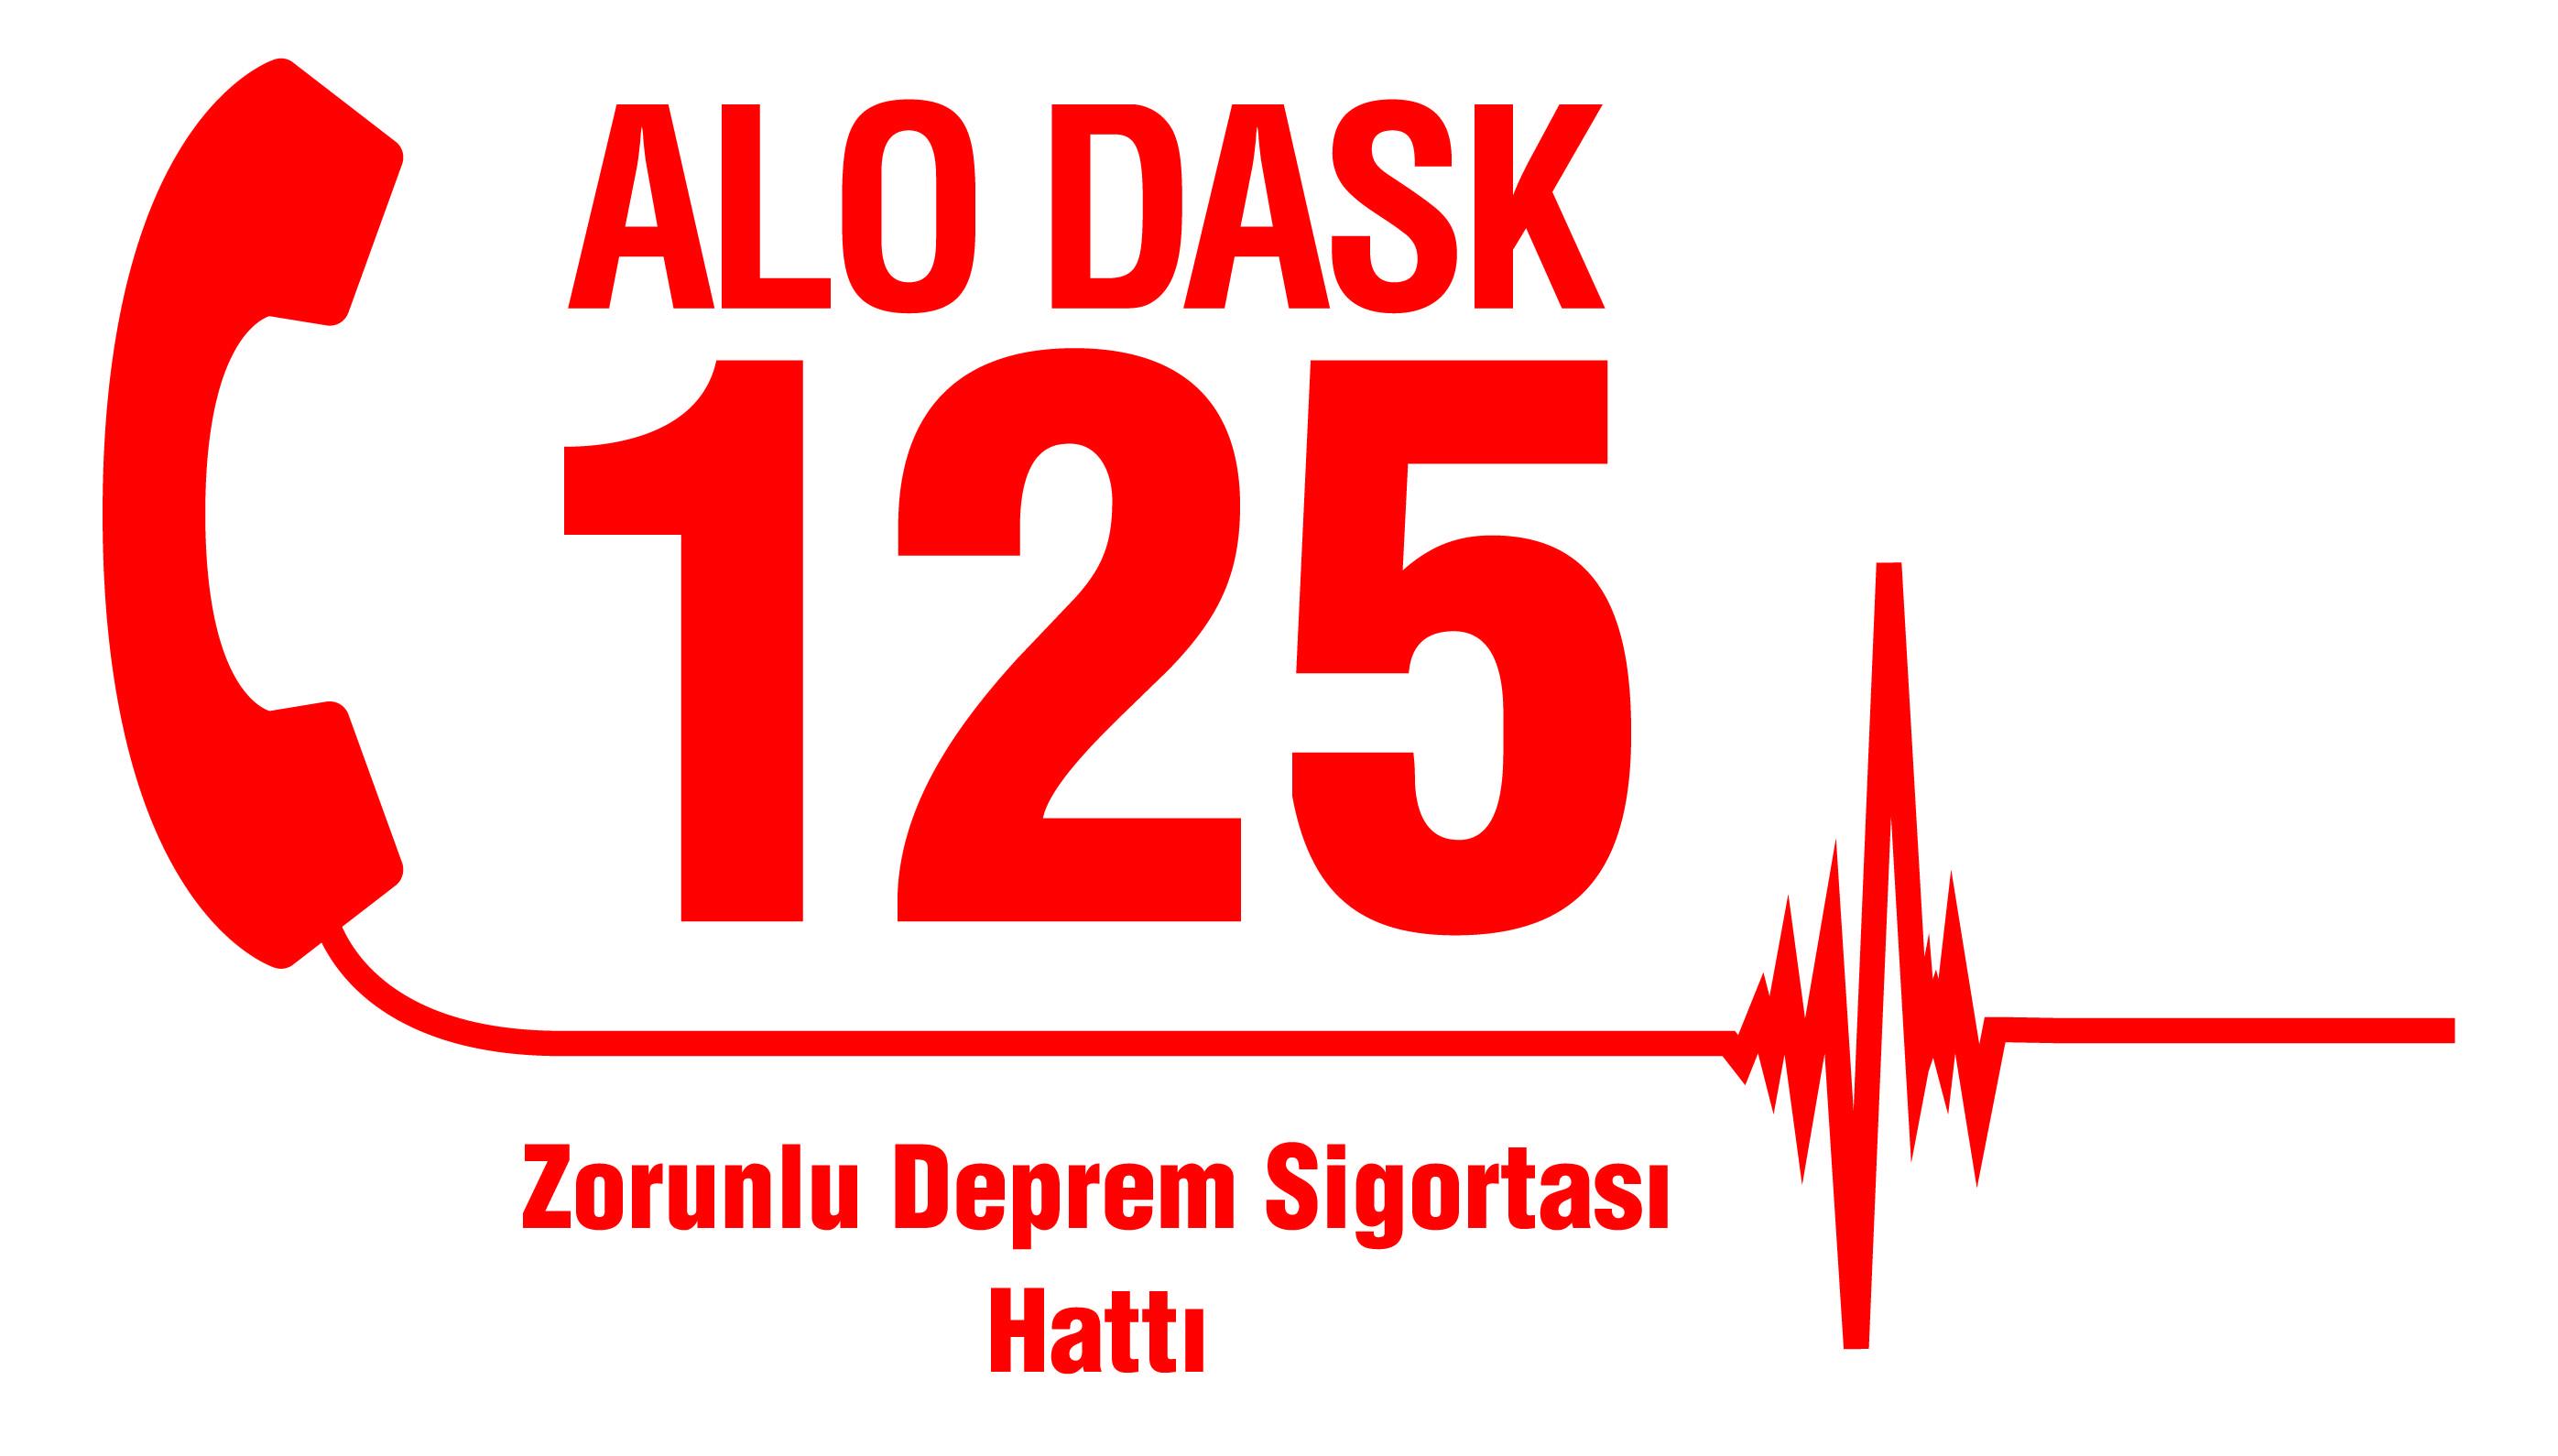 İzmir depreminde hasar ihbarı 6 bin 500'e ulaştı